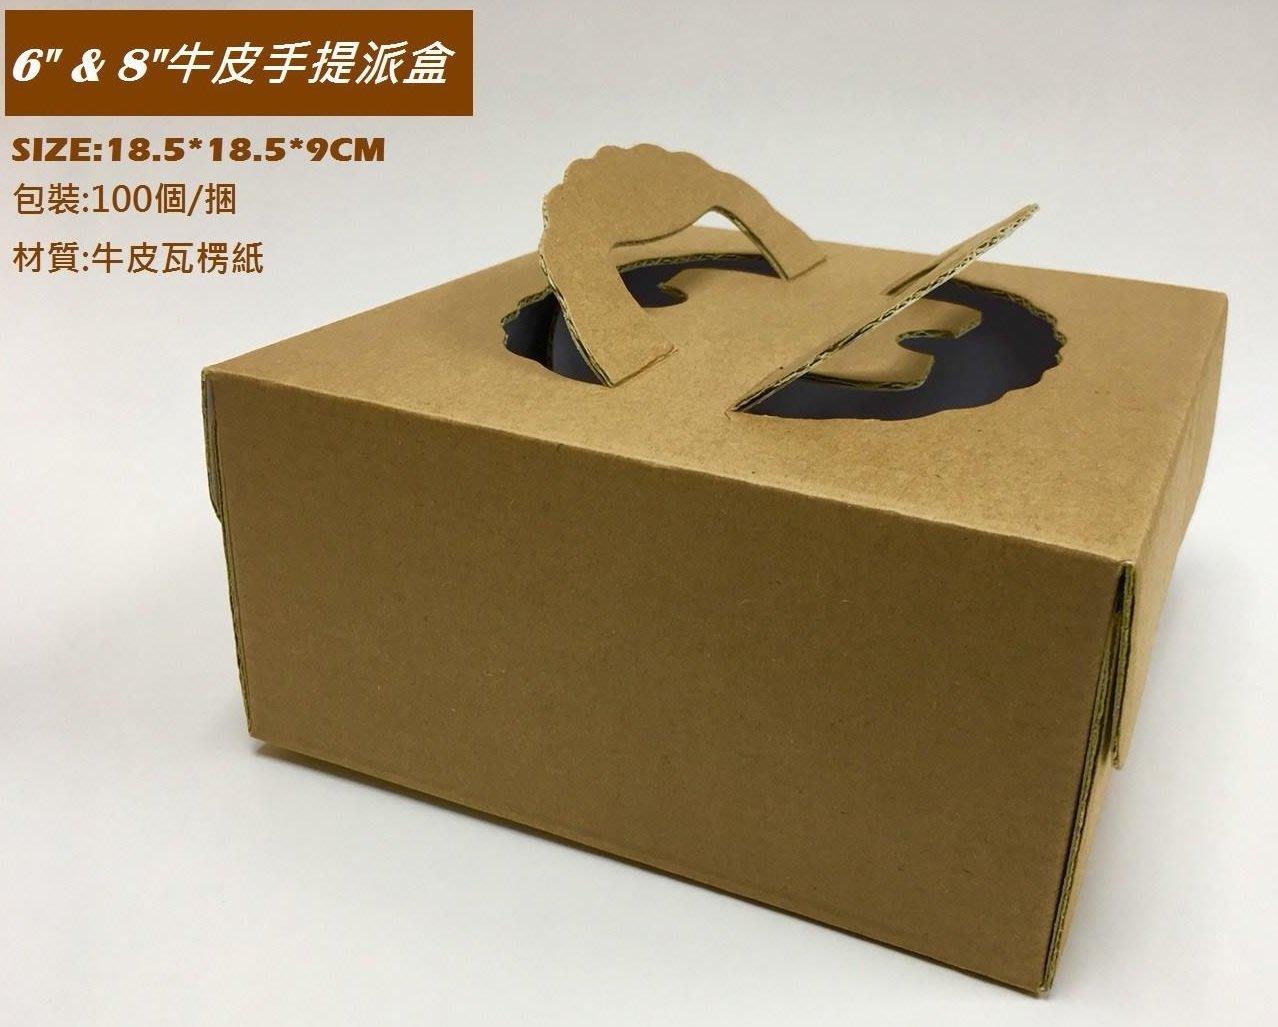 【無敵餐具】6吋牛皮手提派盒-100入(185X185X90mm)蛋糕盒/紙盒/手提盒 另有8吋【CH063】